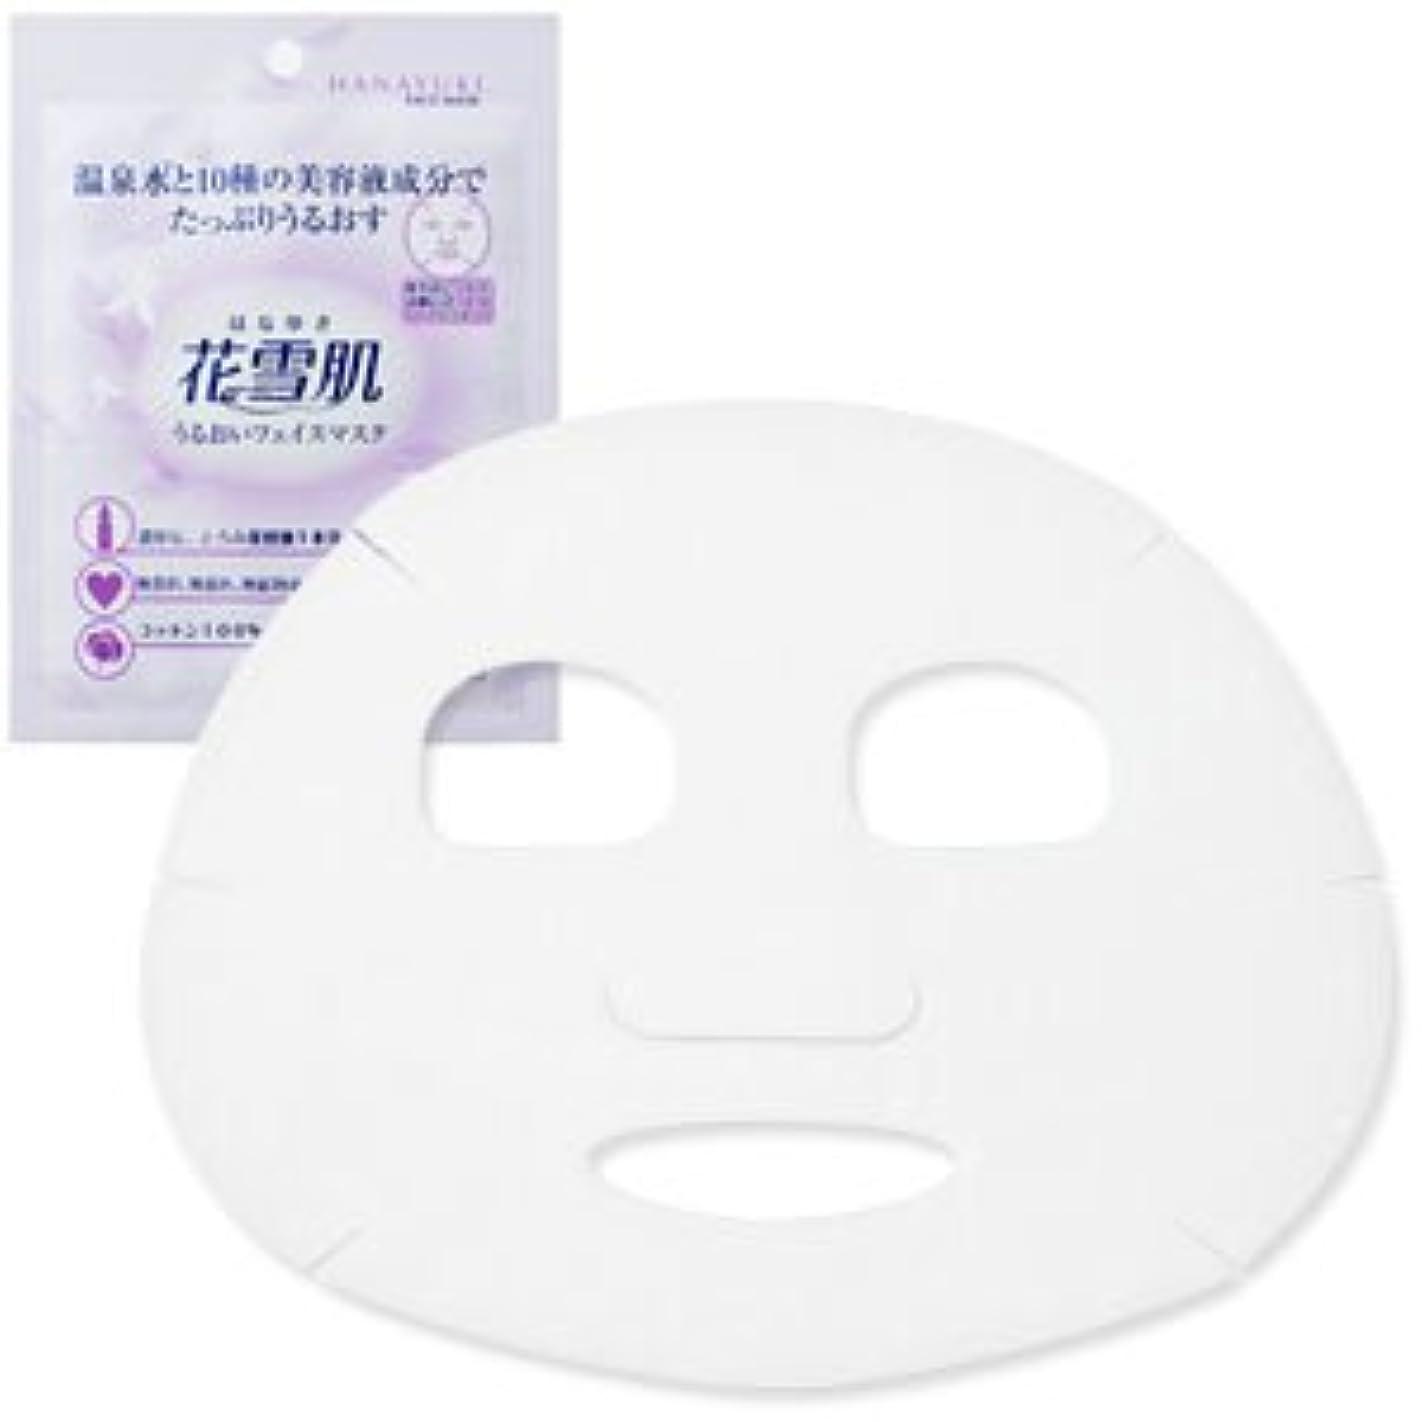 日曜日管理者誰花雪肌 うるおいフェイスマスク 10枚セット [10種類の美容液成分を配合] ヒアルロン酸 コラーゲン フェイスパック